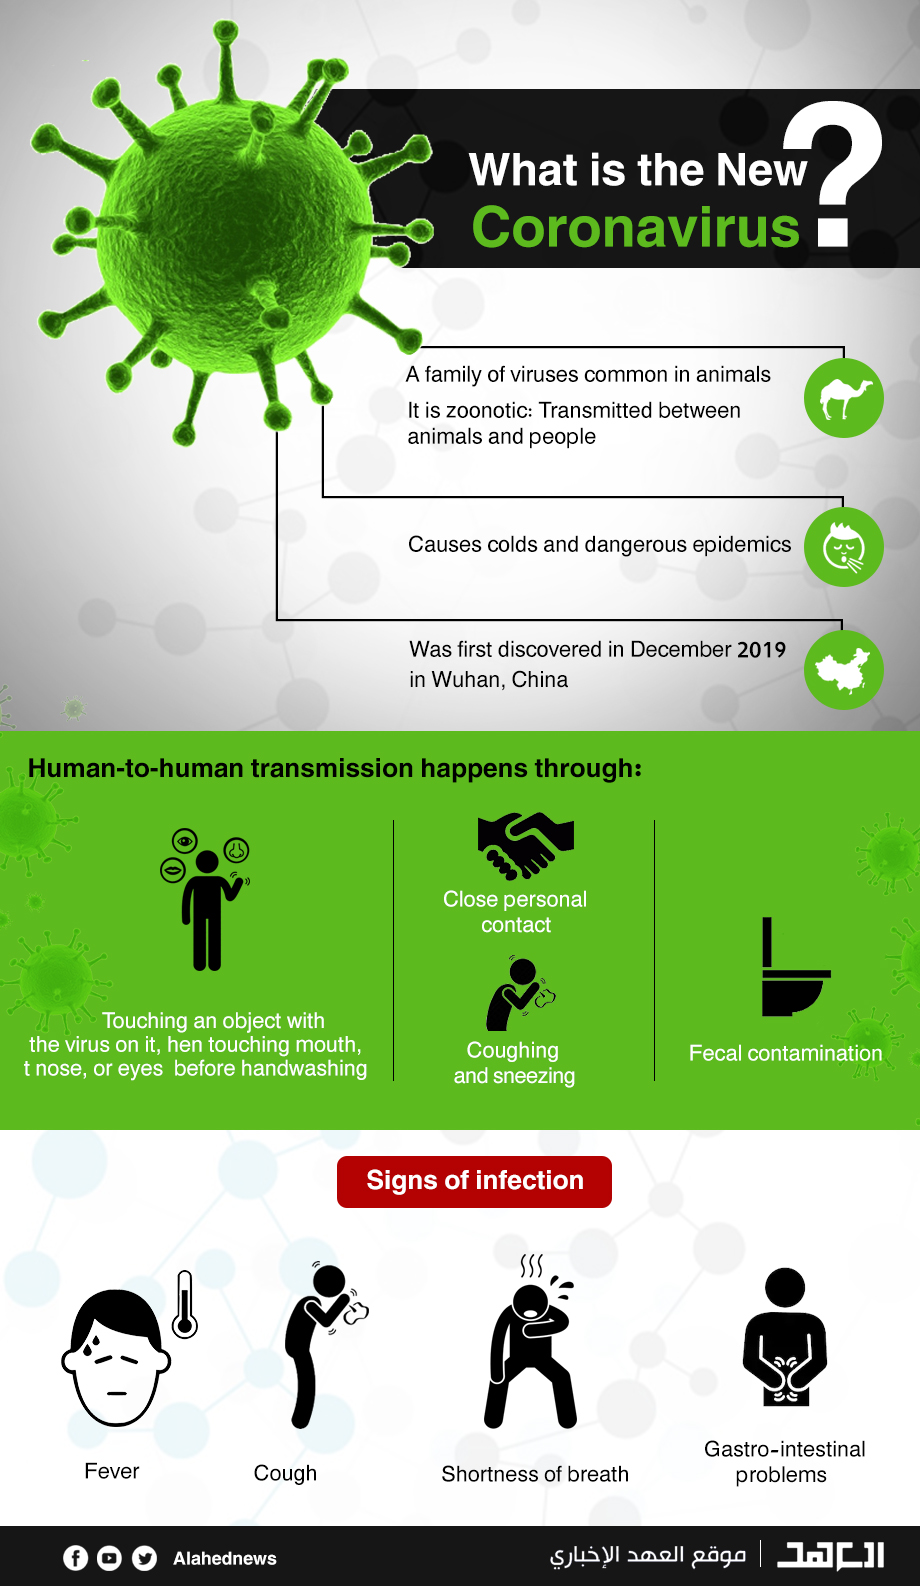 What is the New Coronavirus?